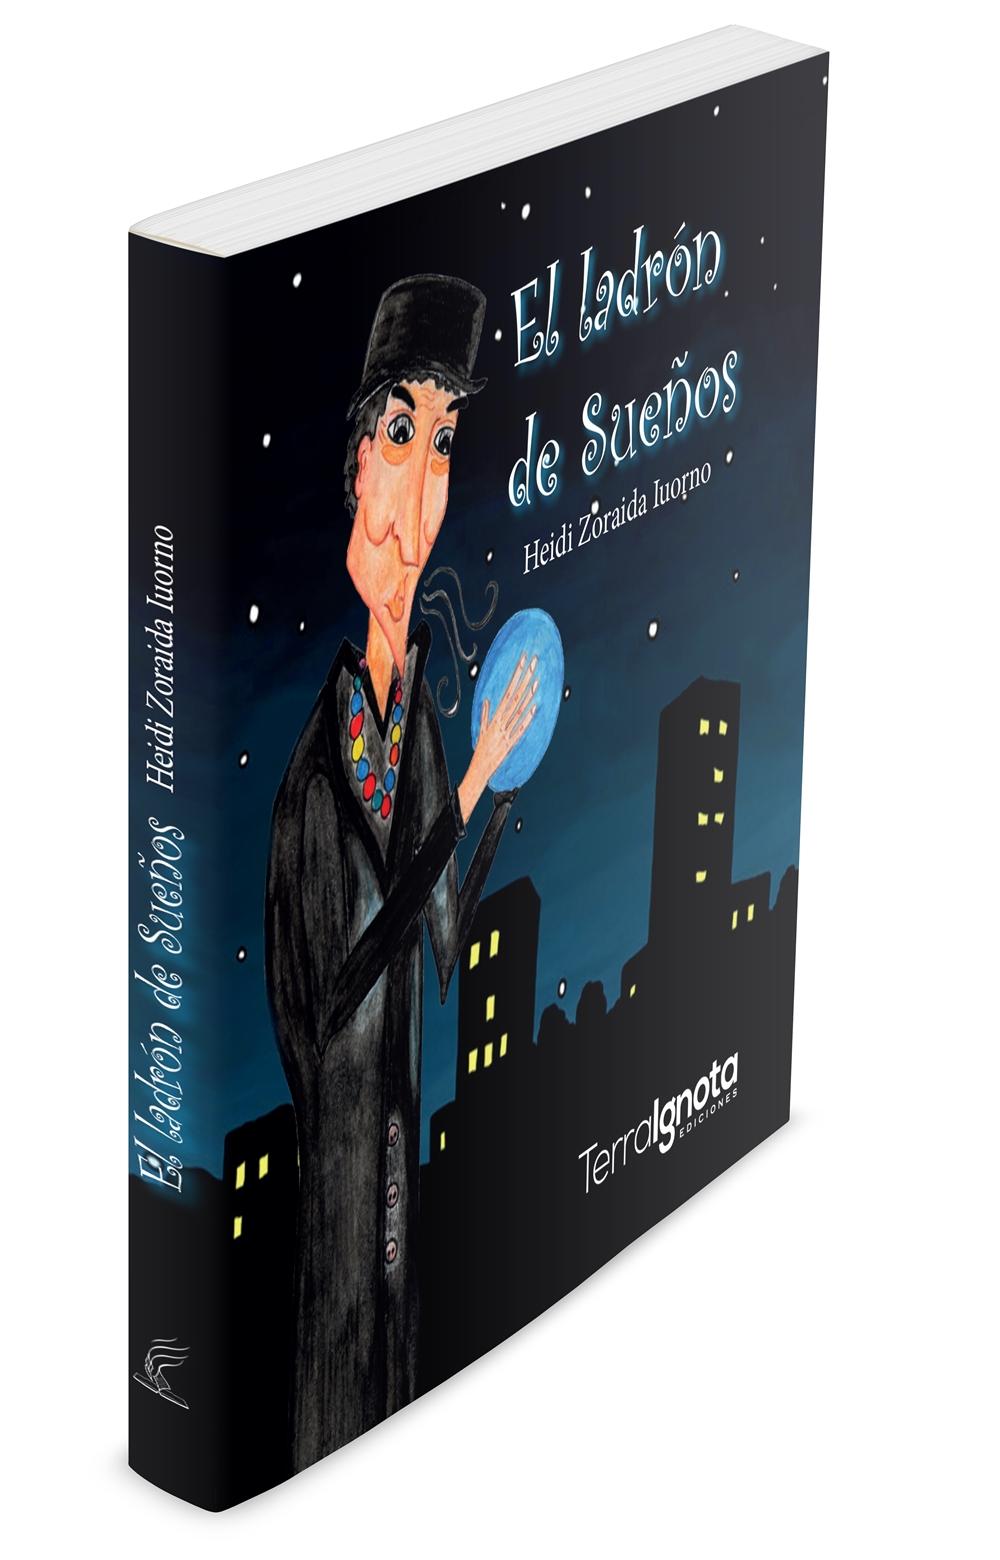 el-ladron-de-sueños-heidi-zoraida-Iuorno-libro-3d